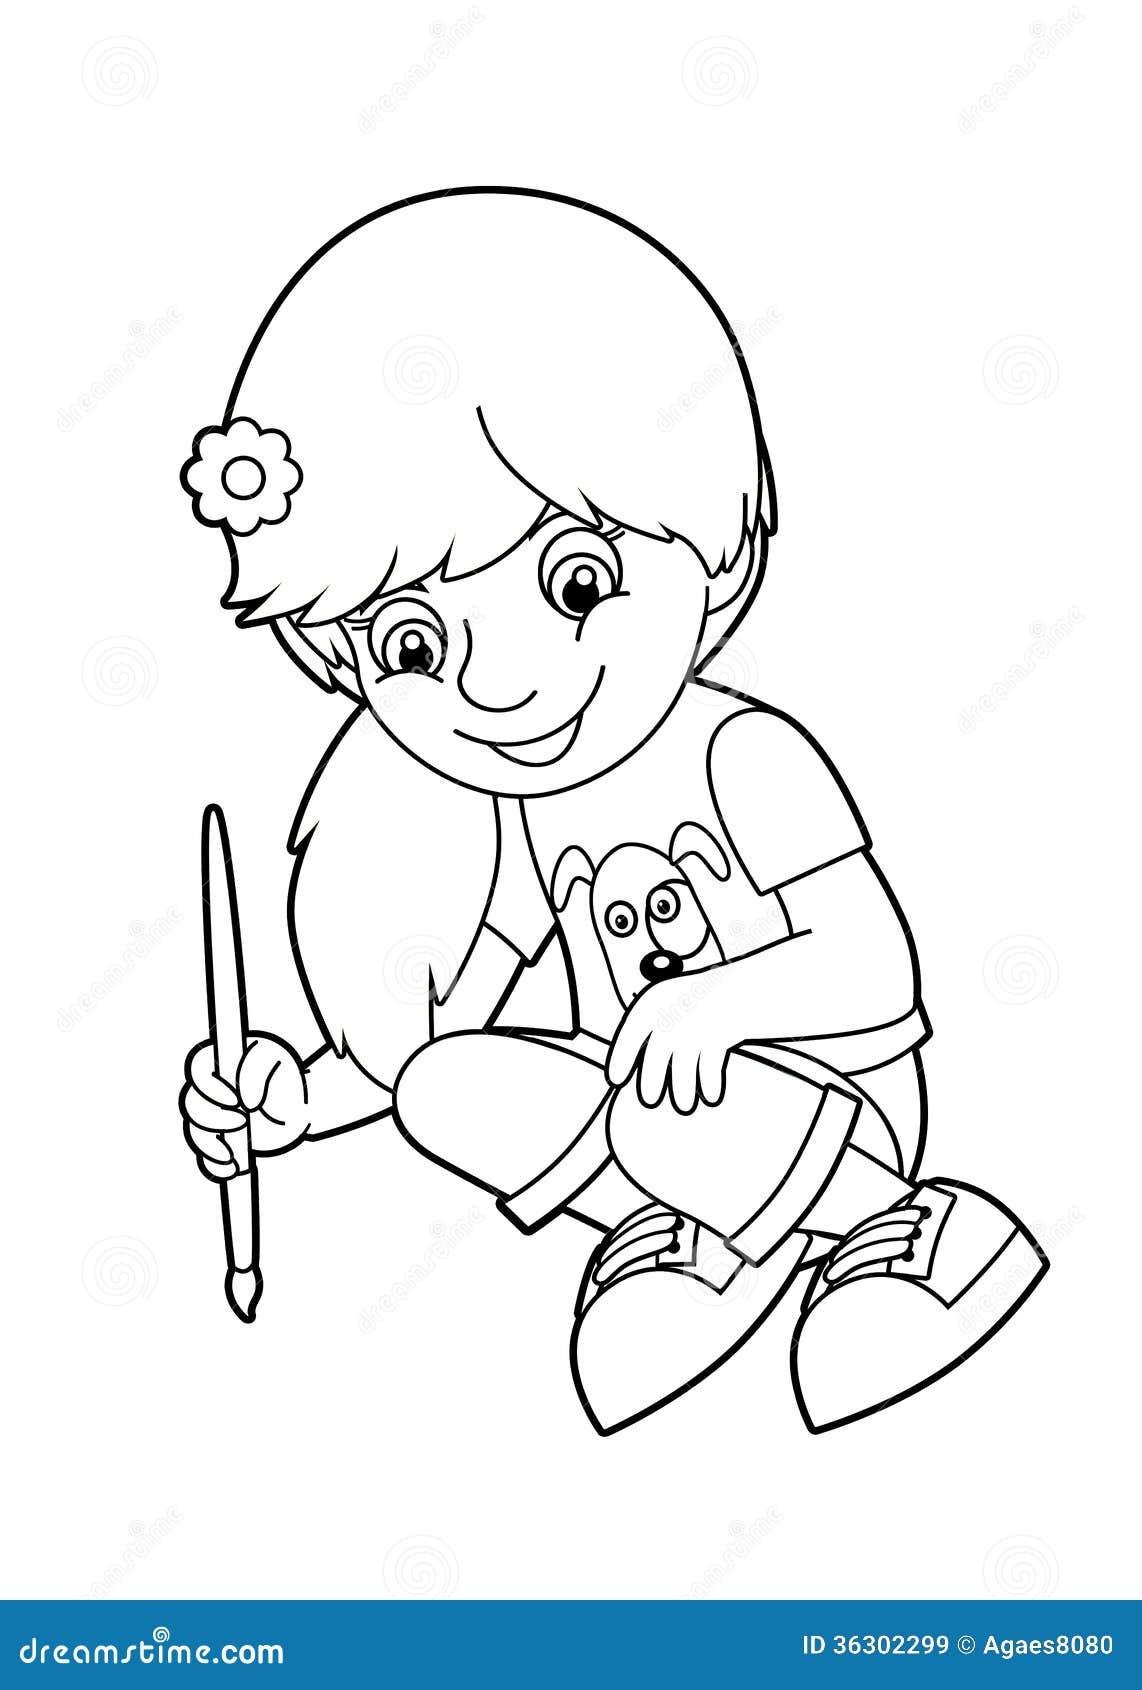 Pintura del niño stock de ilustración. Ilustración de ilustraciones ...